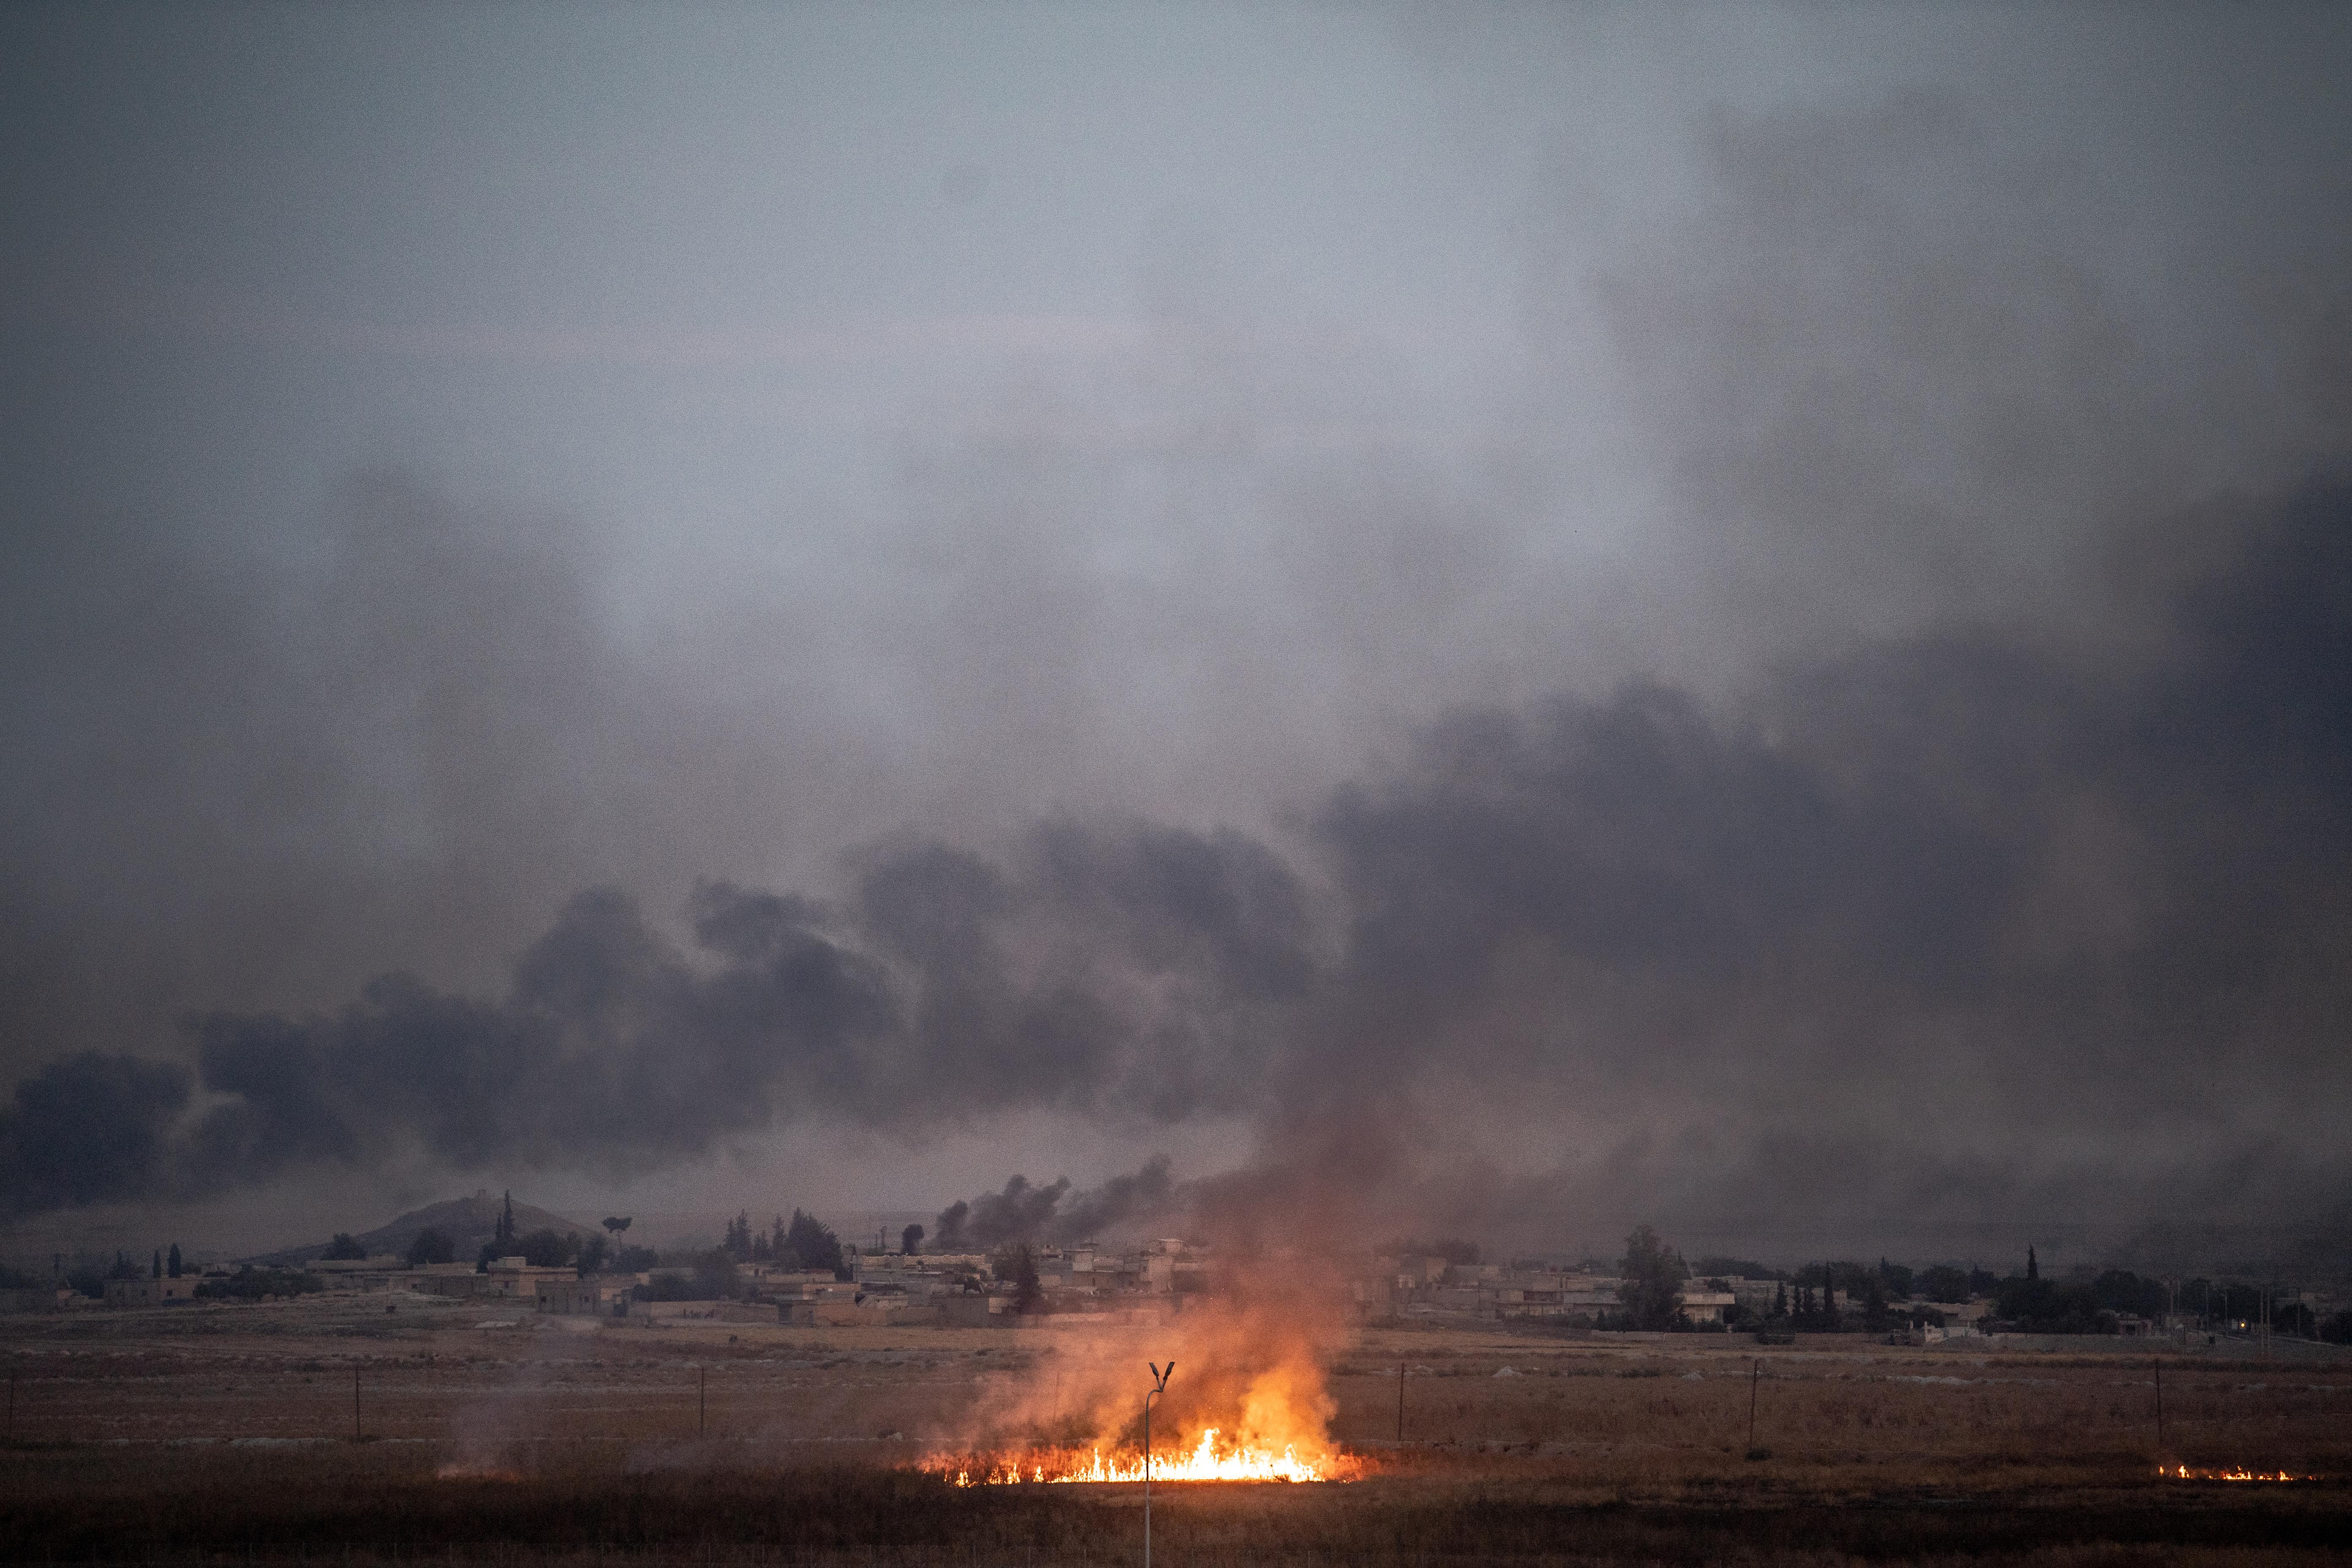 Újabb menekültáradatot okozhat a törökök szíriai offenzívája - figyelmeztettek az ENSZ Biztonsági Tanácsának európai tagjai